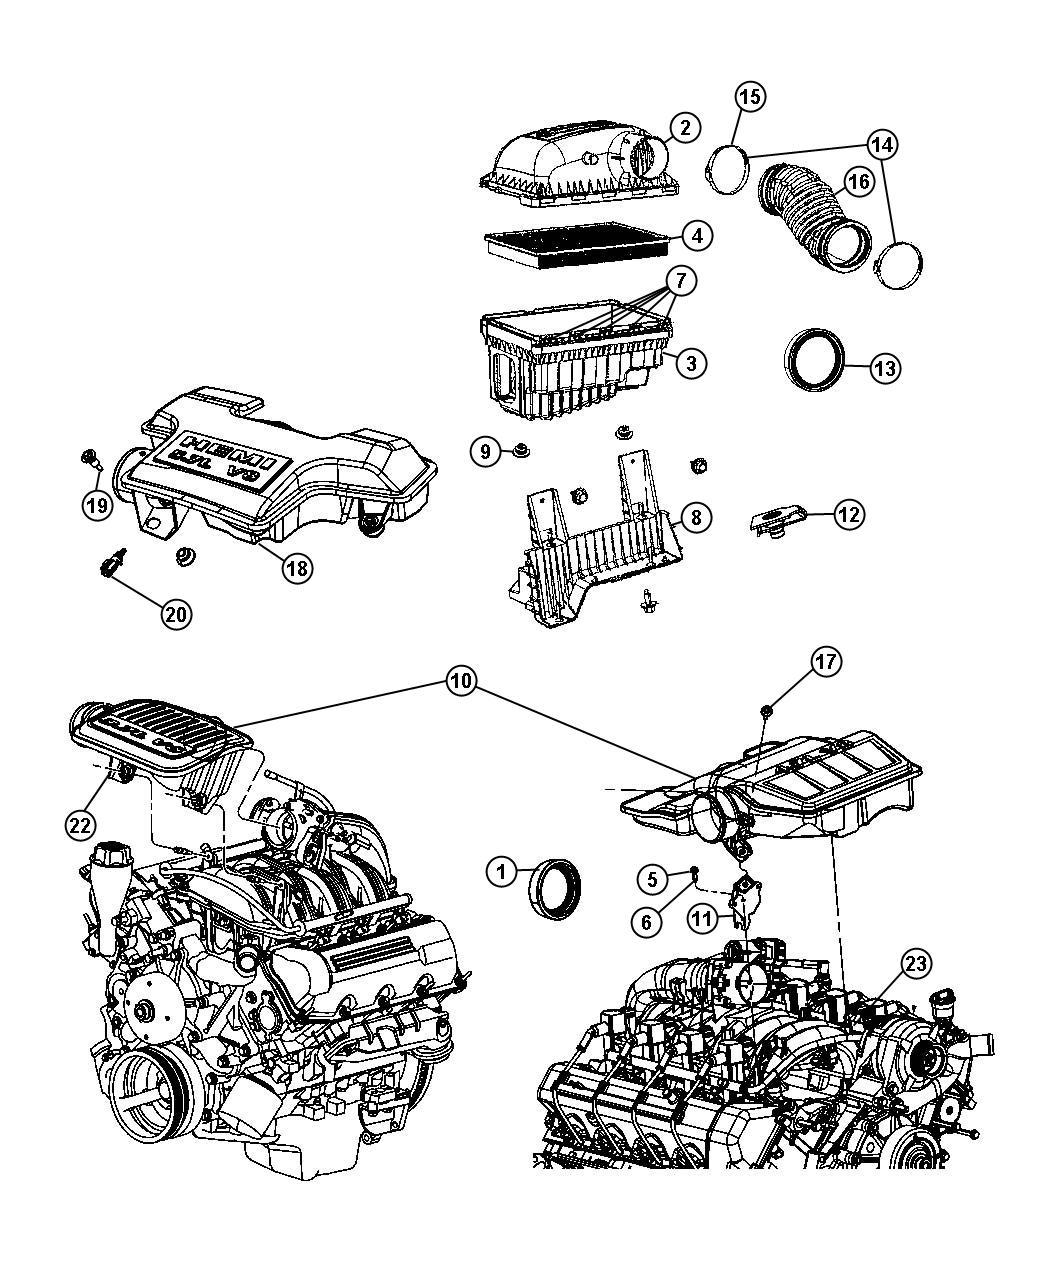 Dodge Ram Resonator Throttle Body Upper